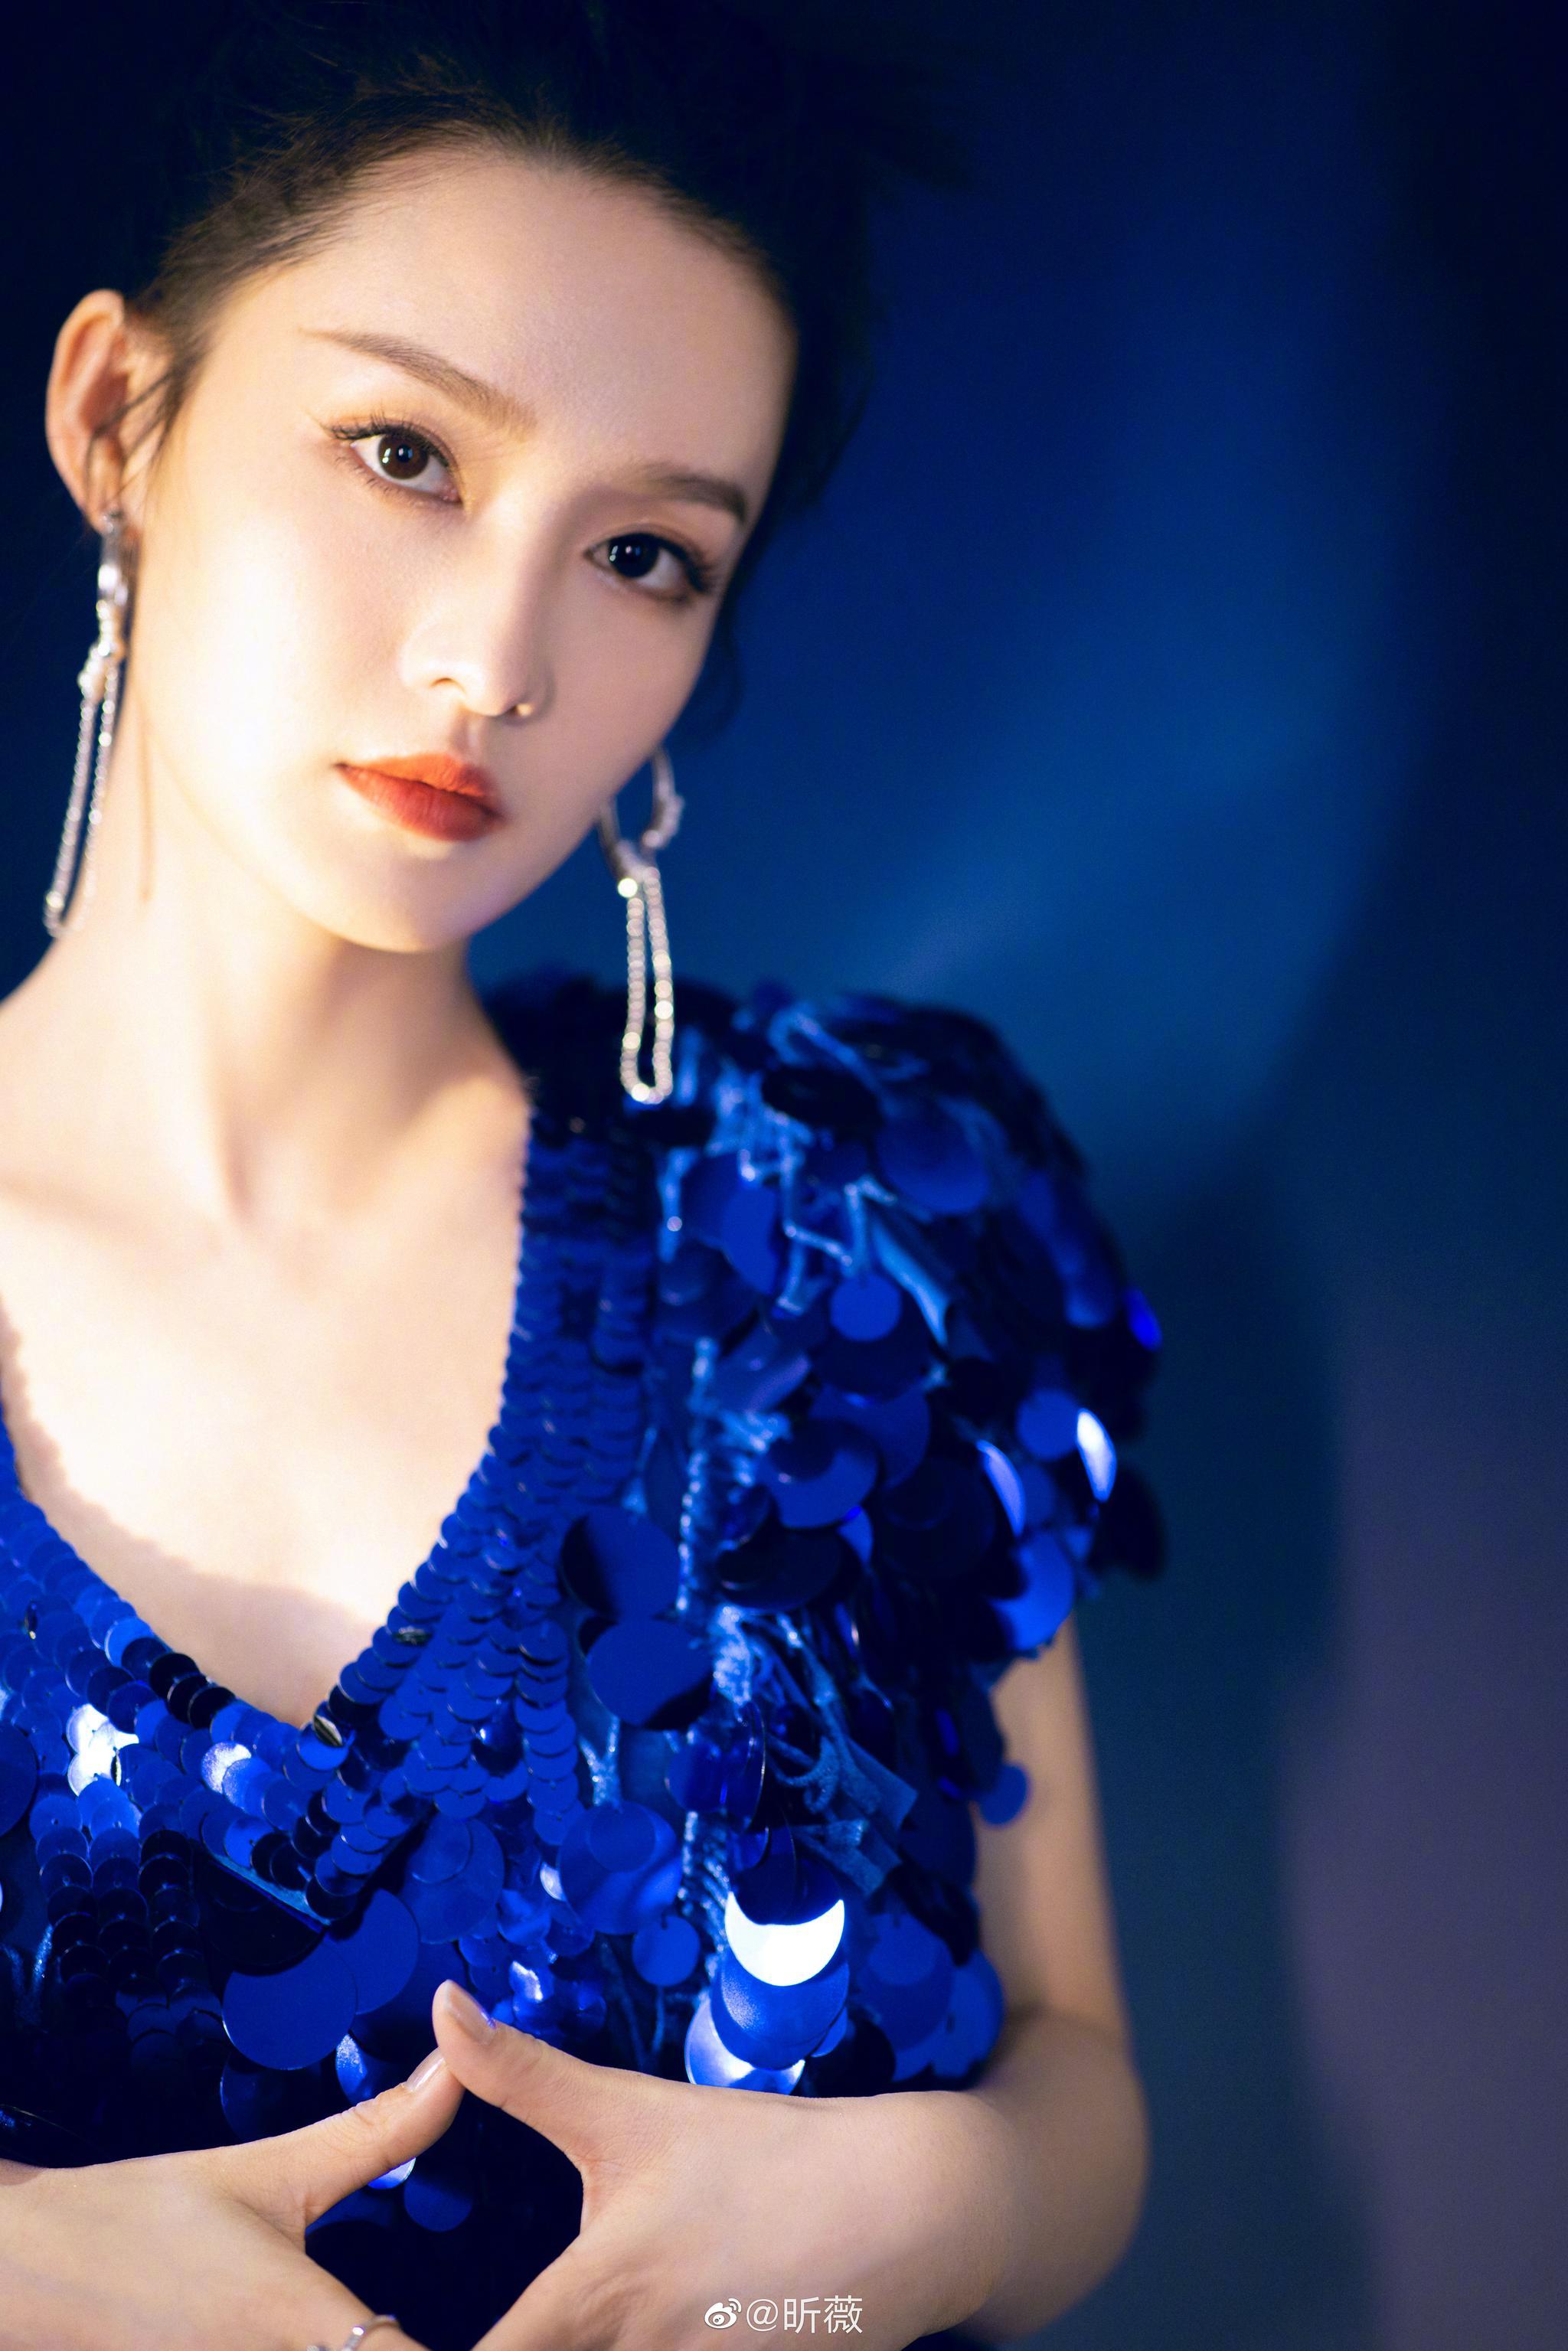 身着深蓝色亮片裙亮相舞台,V领露背设计大秀锁骨美背……